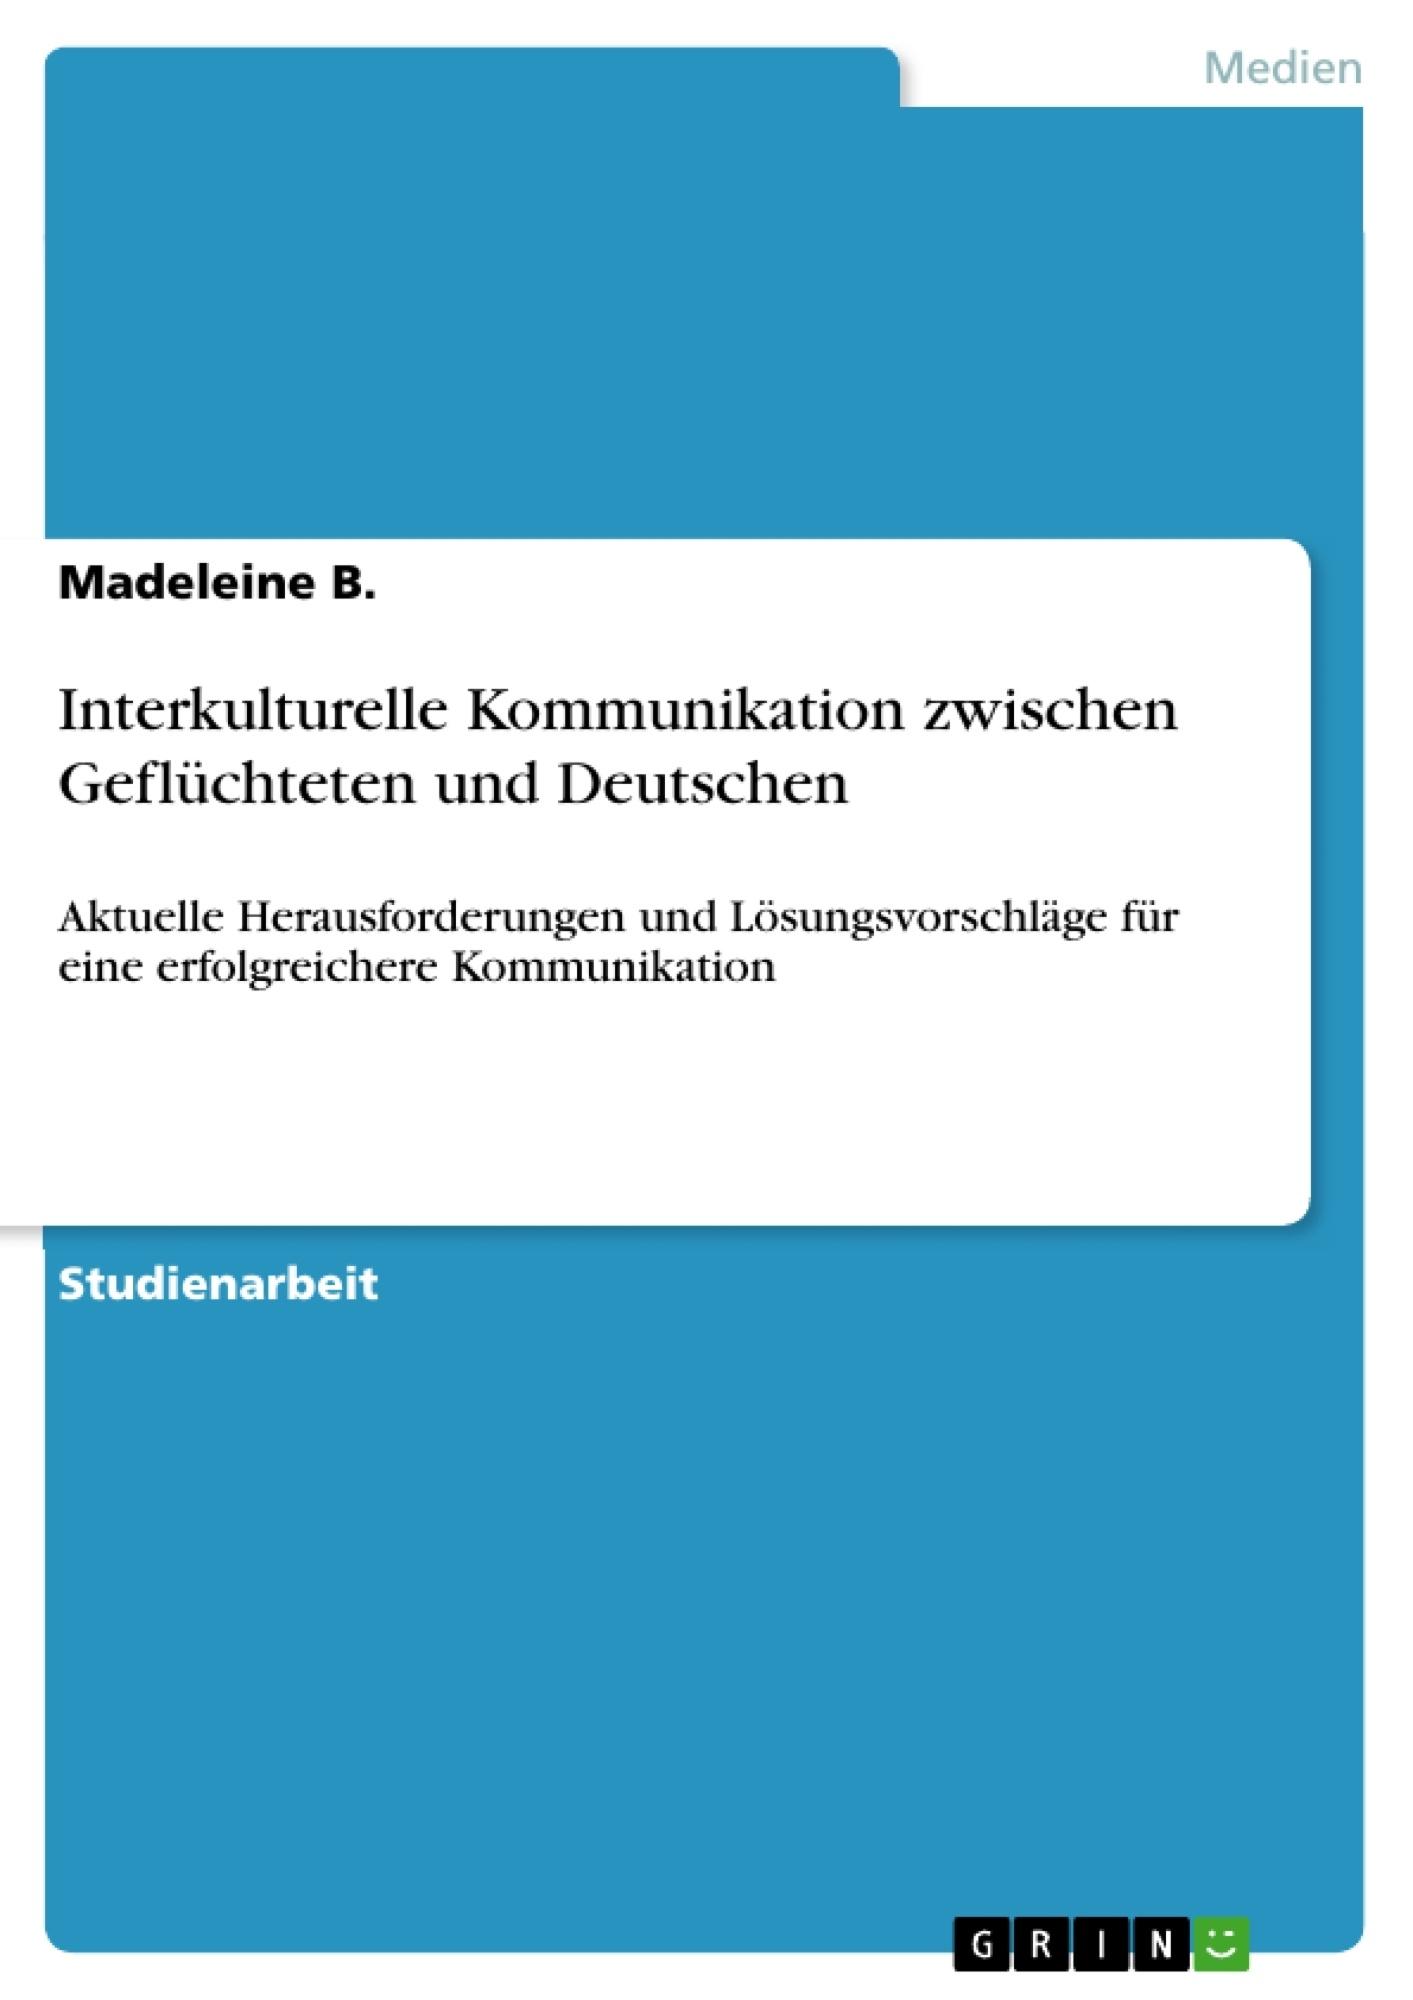 Titel: Interkulturelle Kommunikation zwischen Geflüchteten und Deutschen